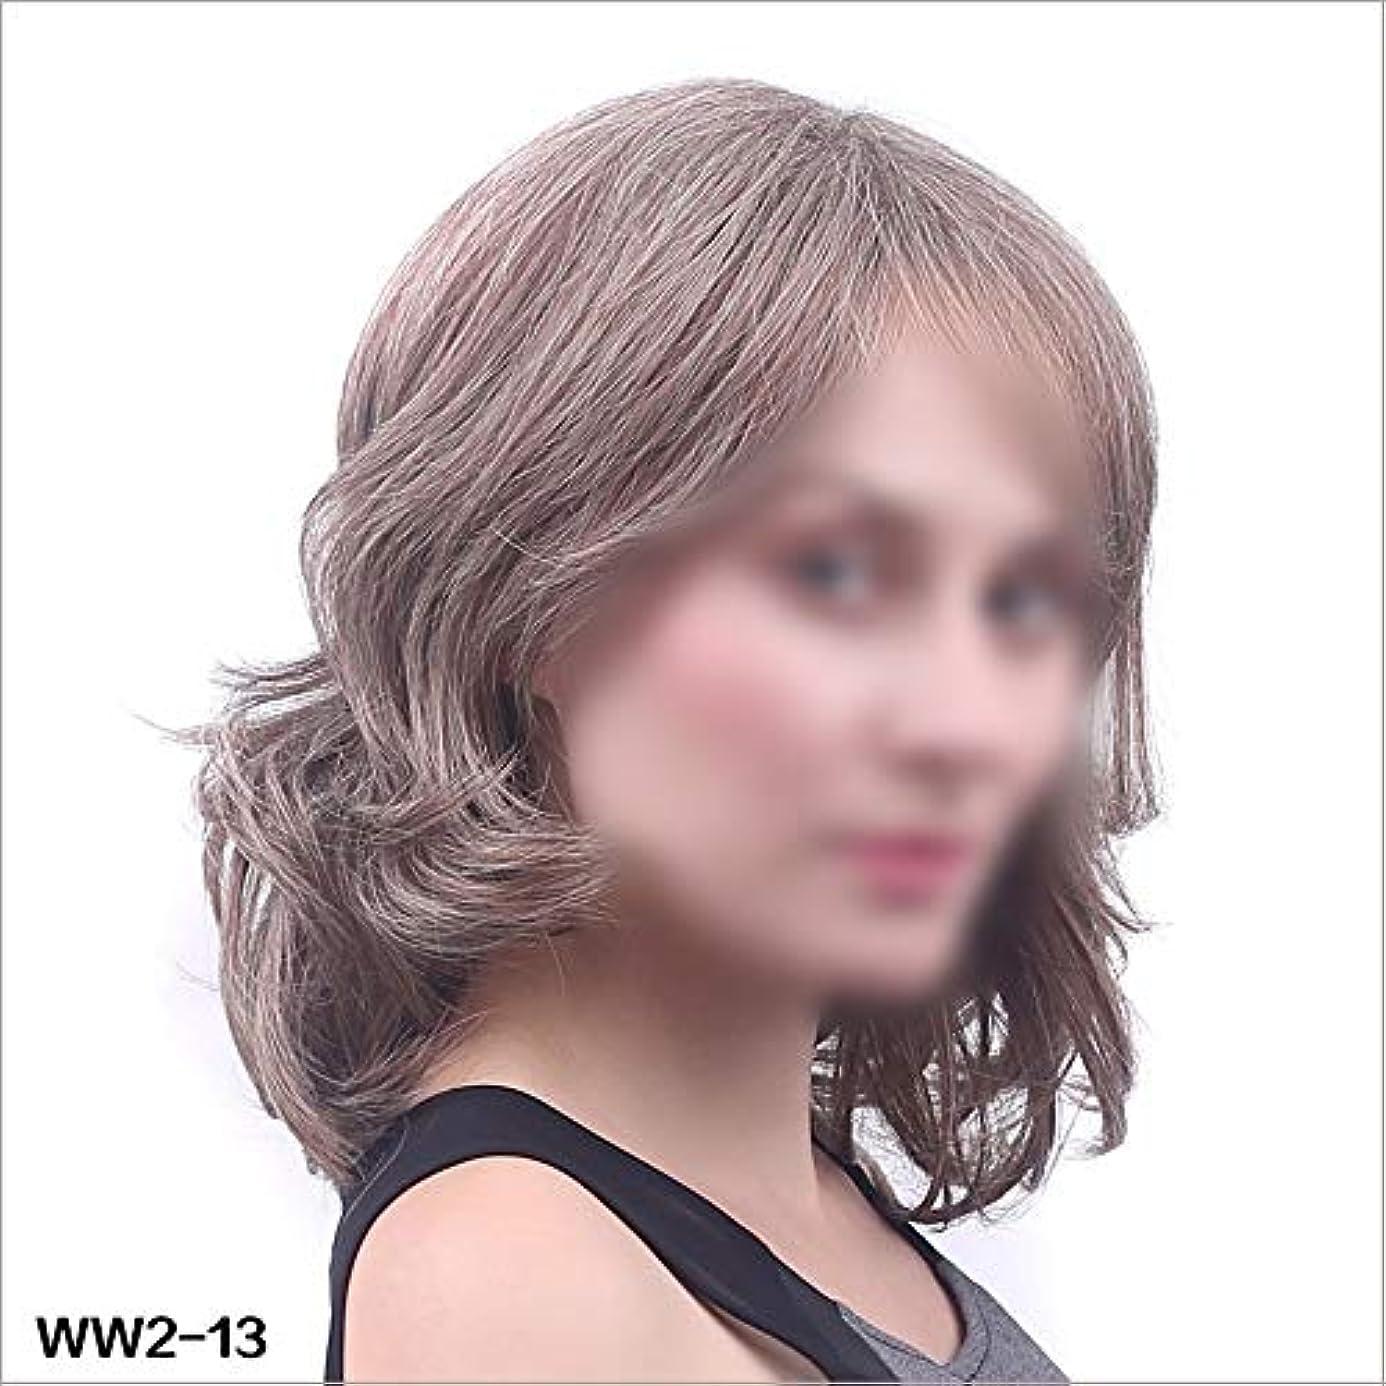 情熱的ブリークエクステントYOUQIU 新人気女子ショートウィッグ全波状カーリーヘアグレーレディースウィッグウィッグ (色 : Photo color, サイズ : 45cm)